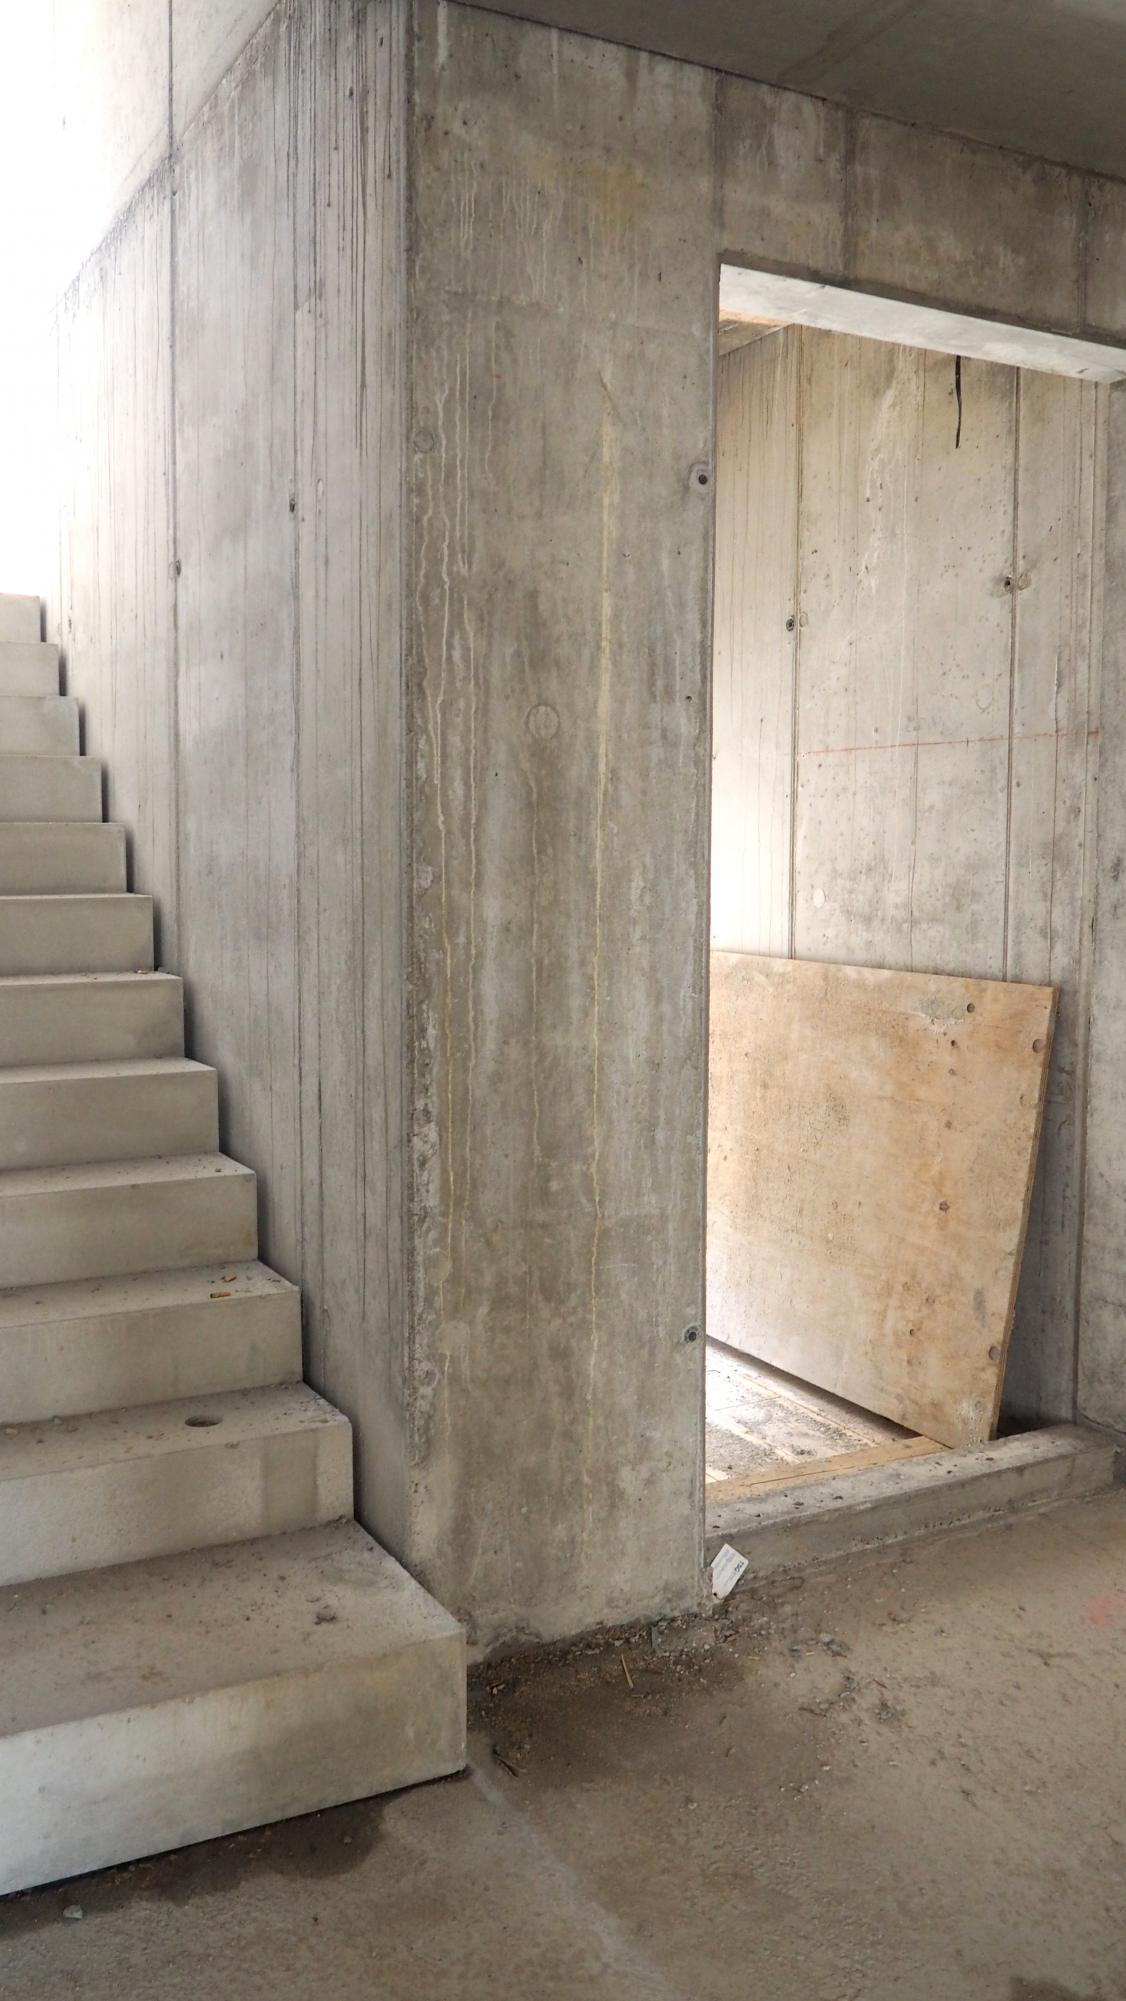 apartmentanlage albert schweitzer baustelle treppenhaus